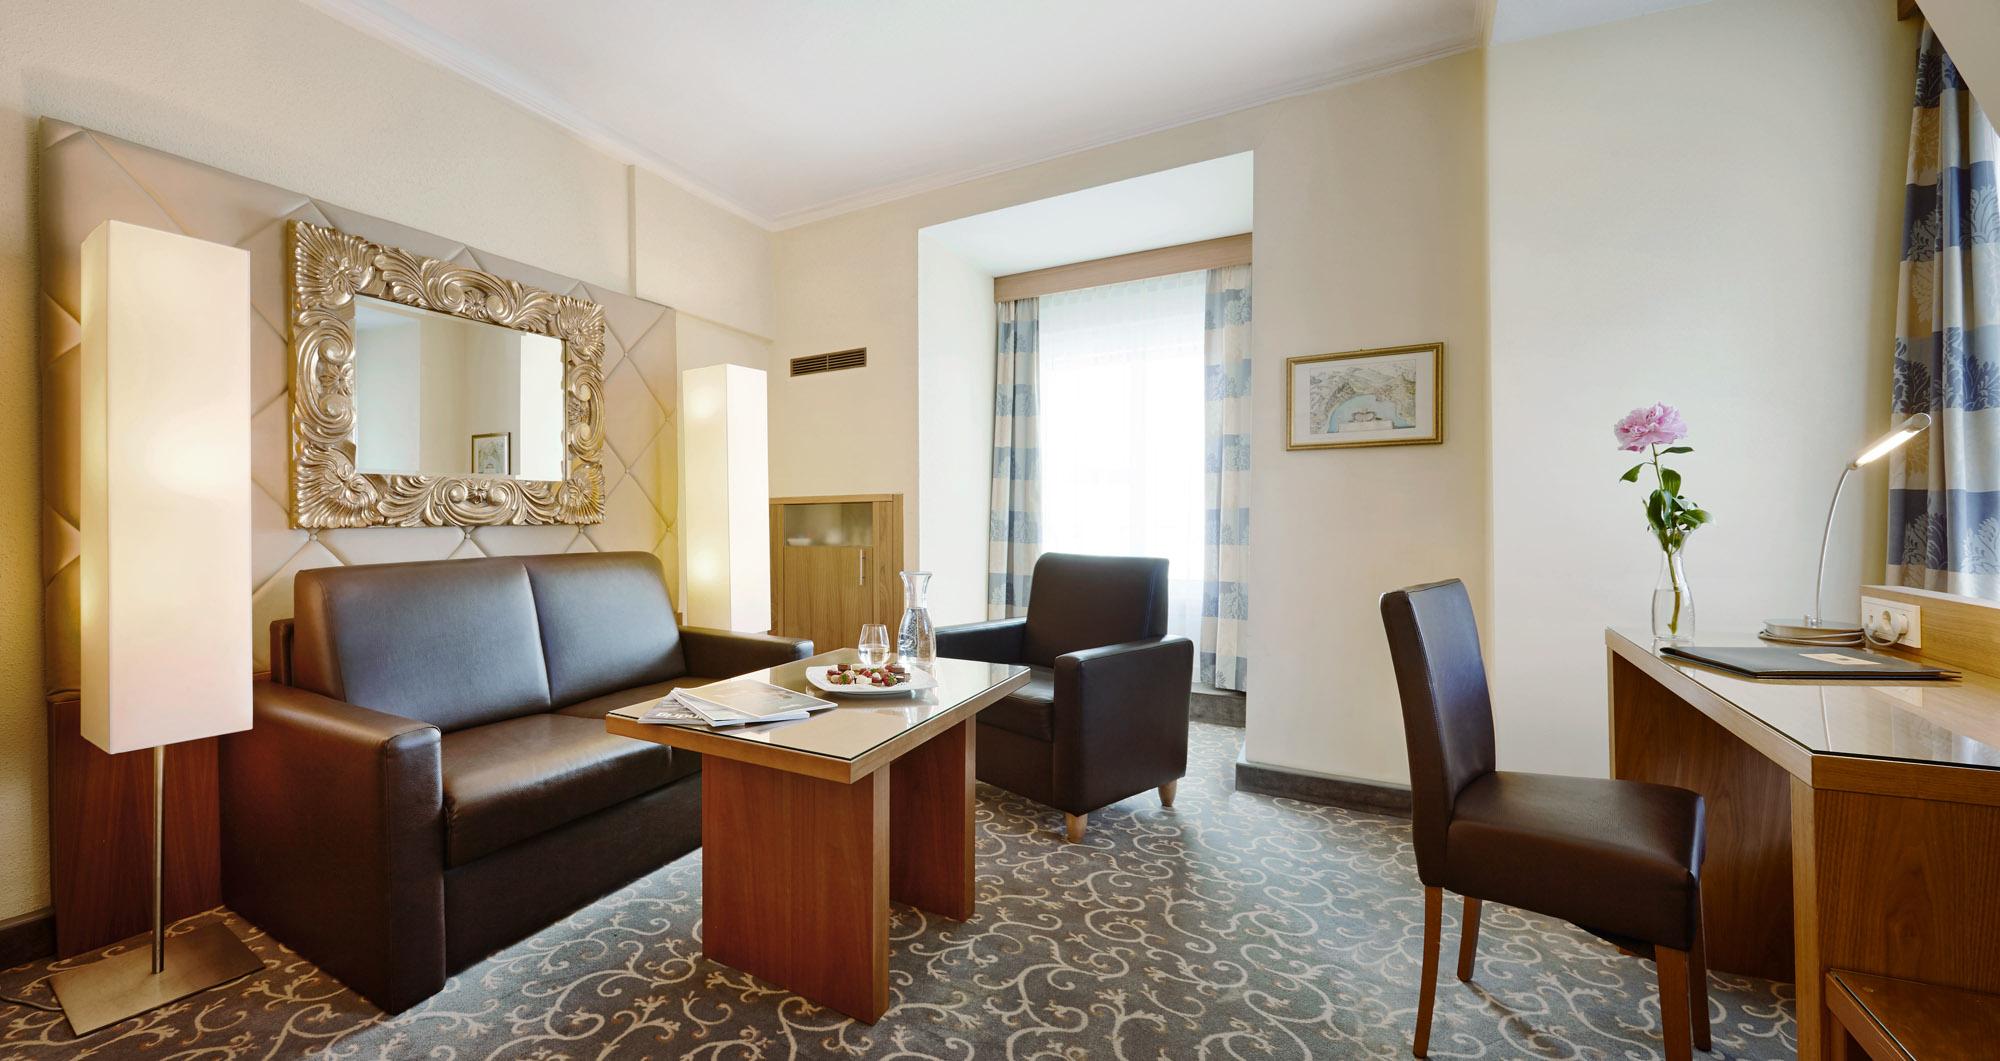 Wohnraum einer Suite: Zusatzbett Aufpreis pro Nacht € 21,25